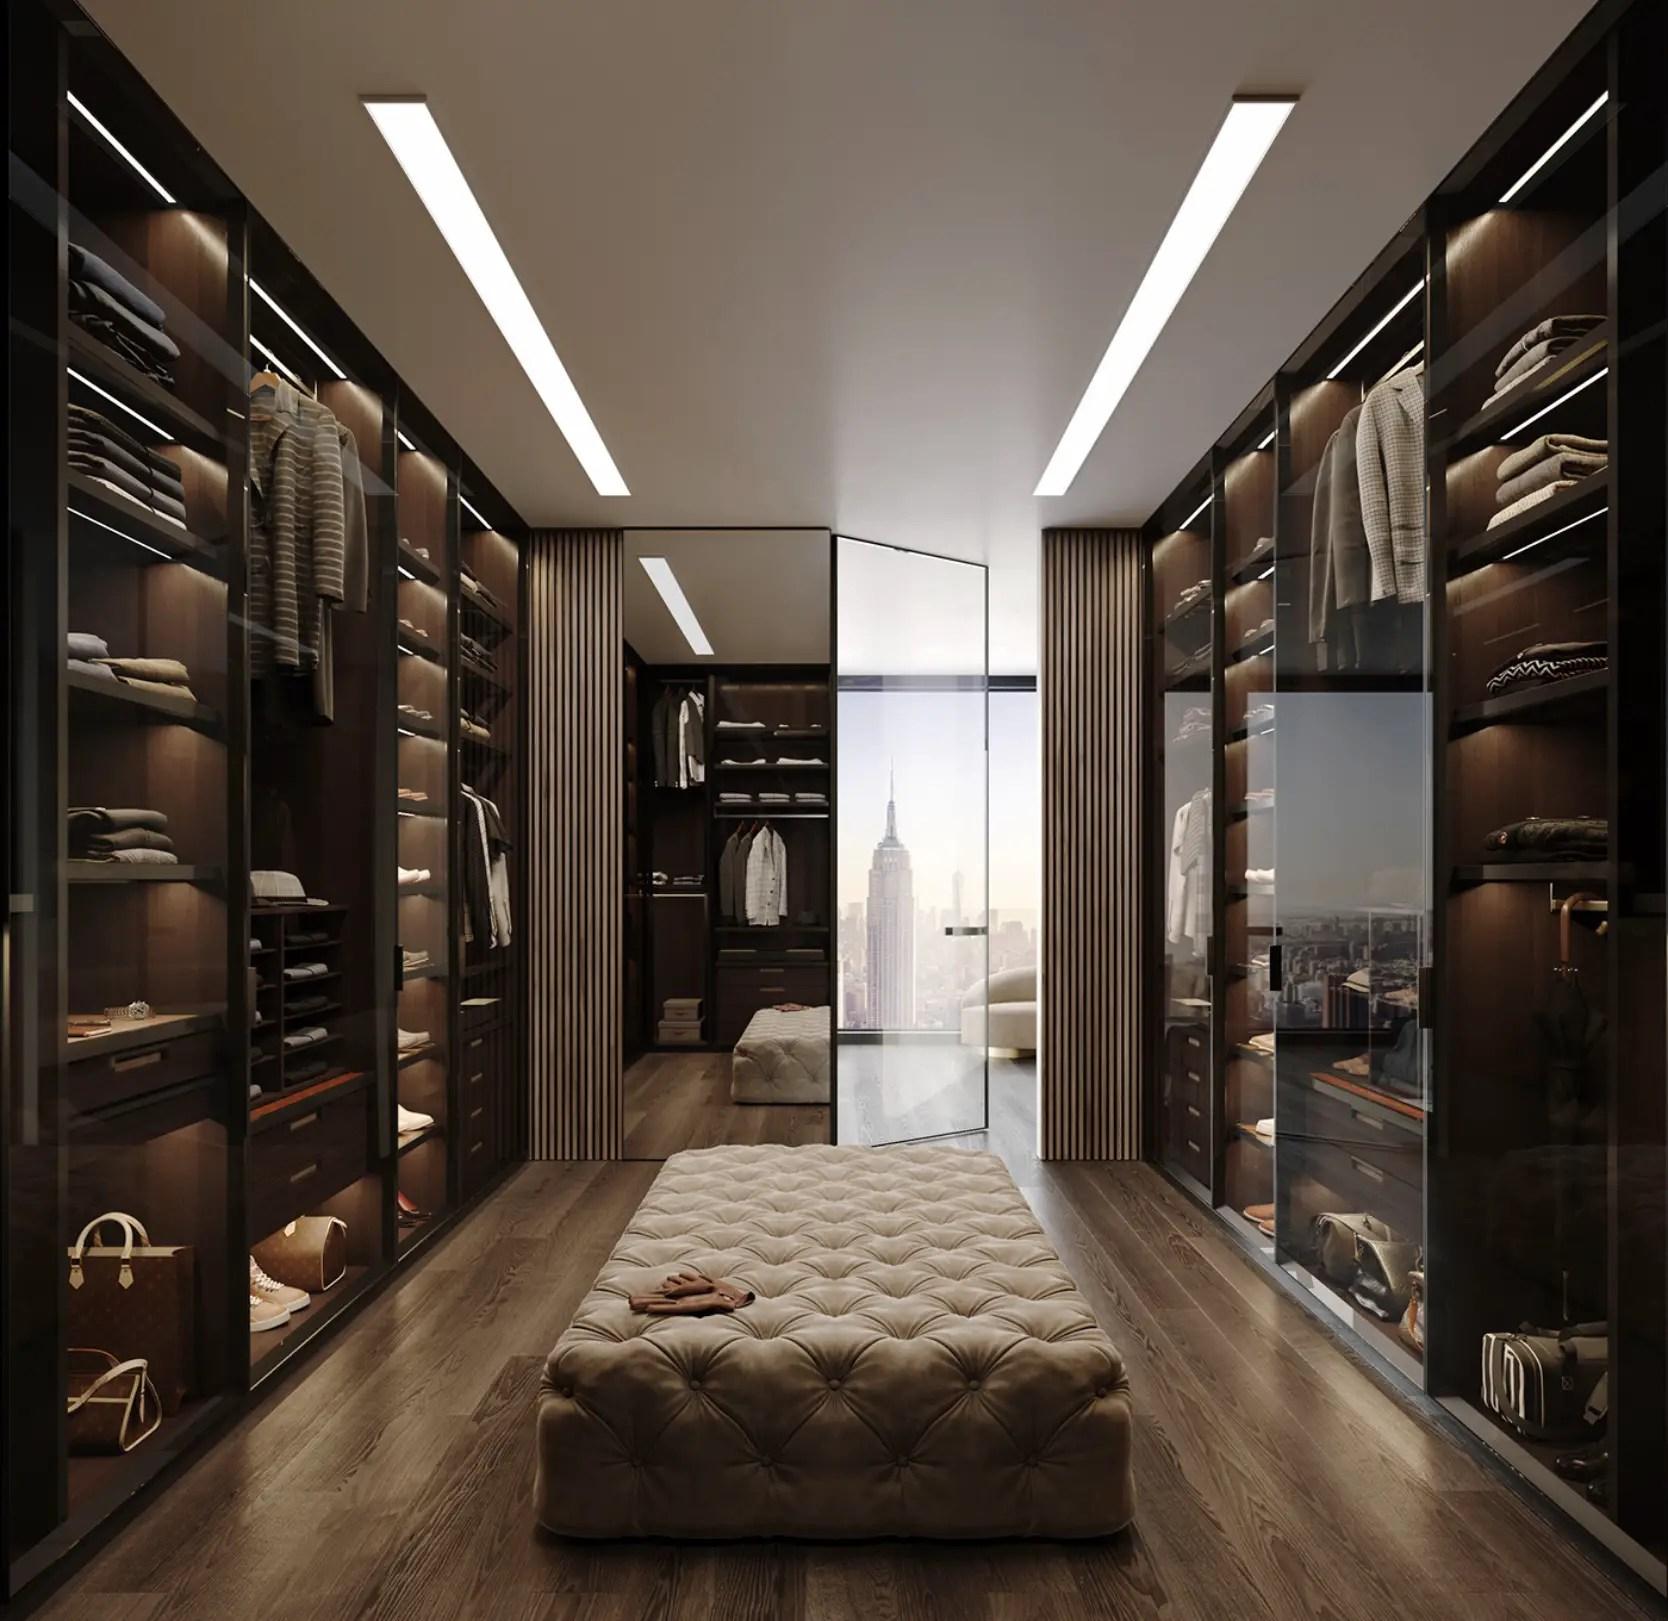 L'autre côté de la pièce qui monte le grand miroir et l'entrée.